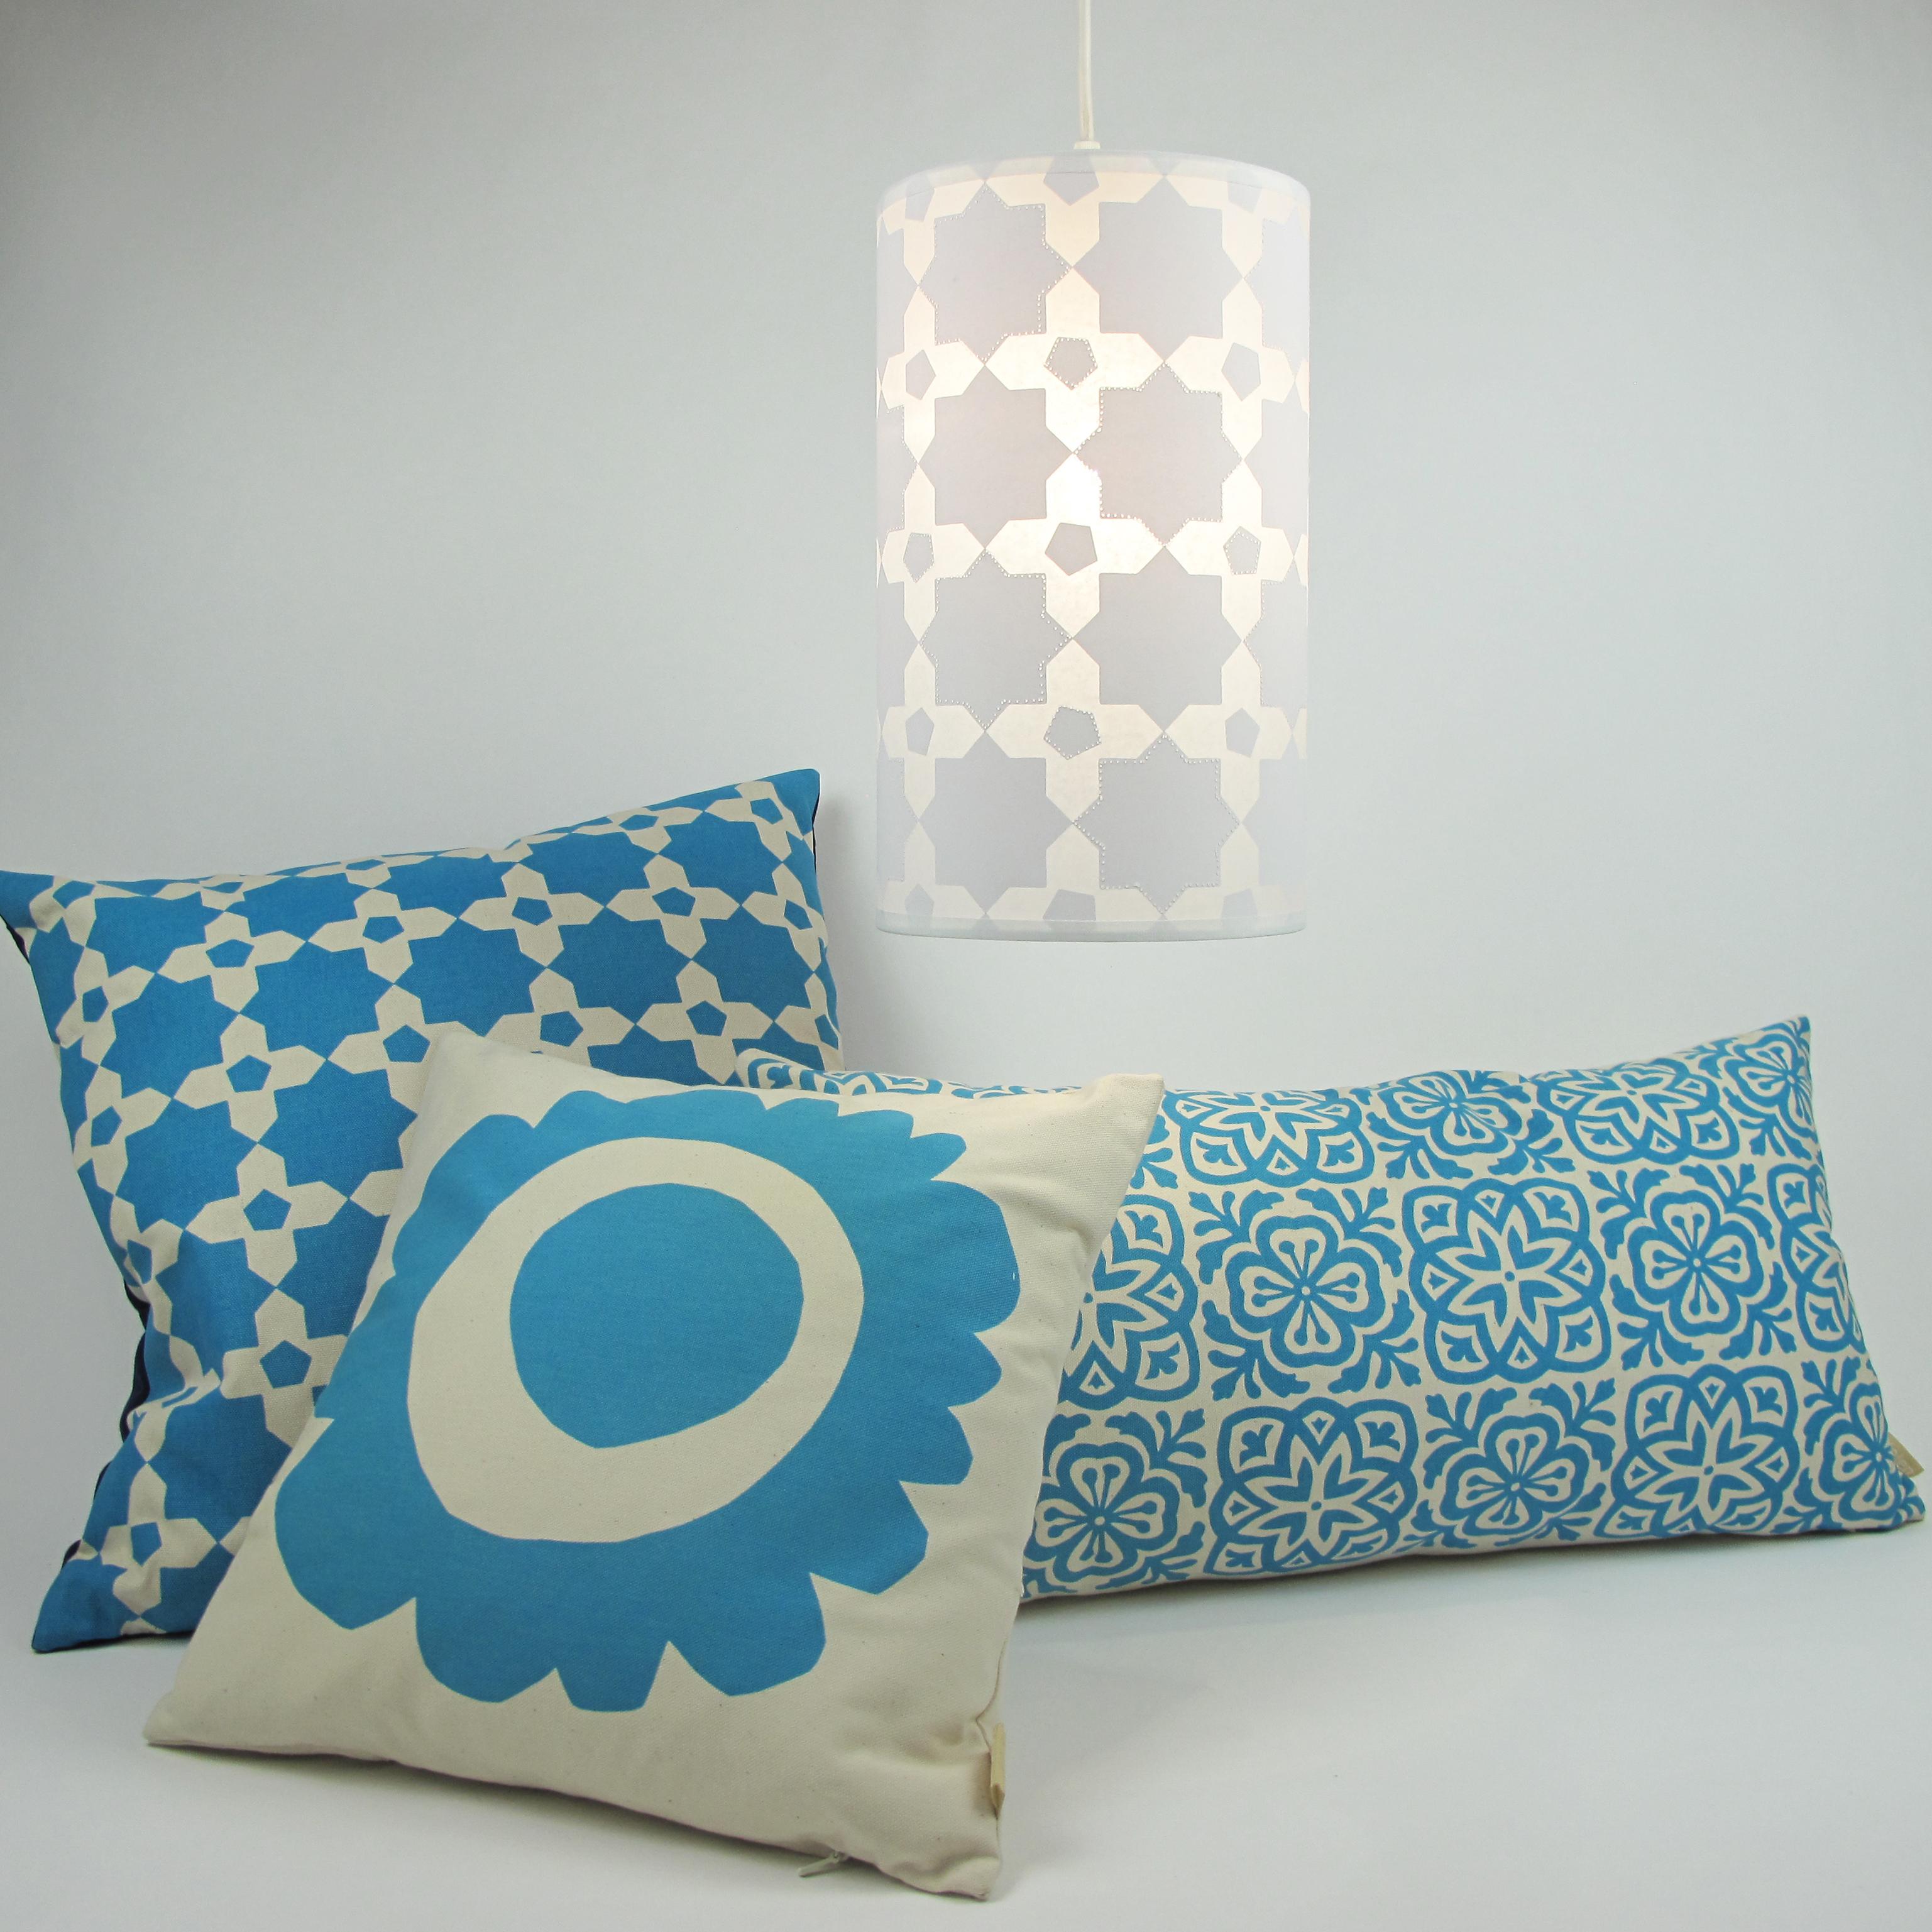 mosaic and cushions